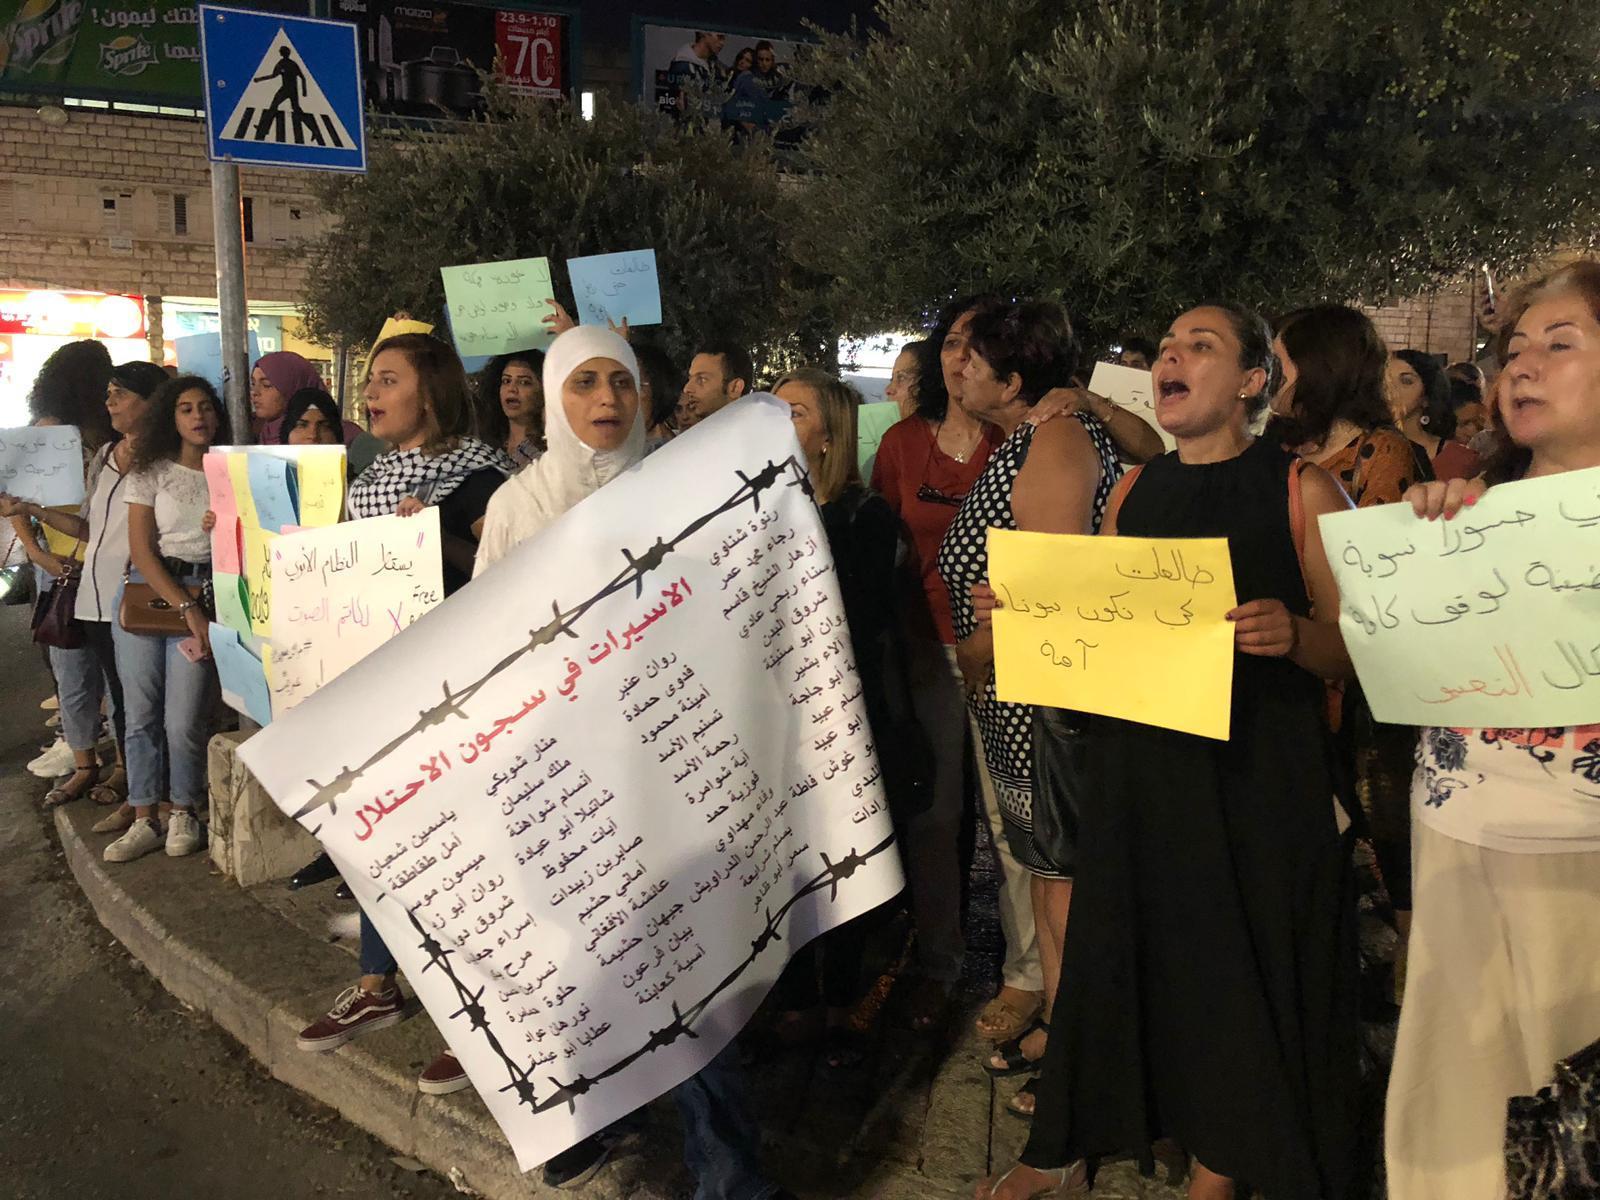 مشاركة واسعة في تظاهرات حراك #طالعات ضد قتل النساء